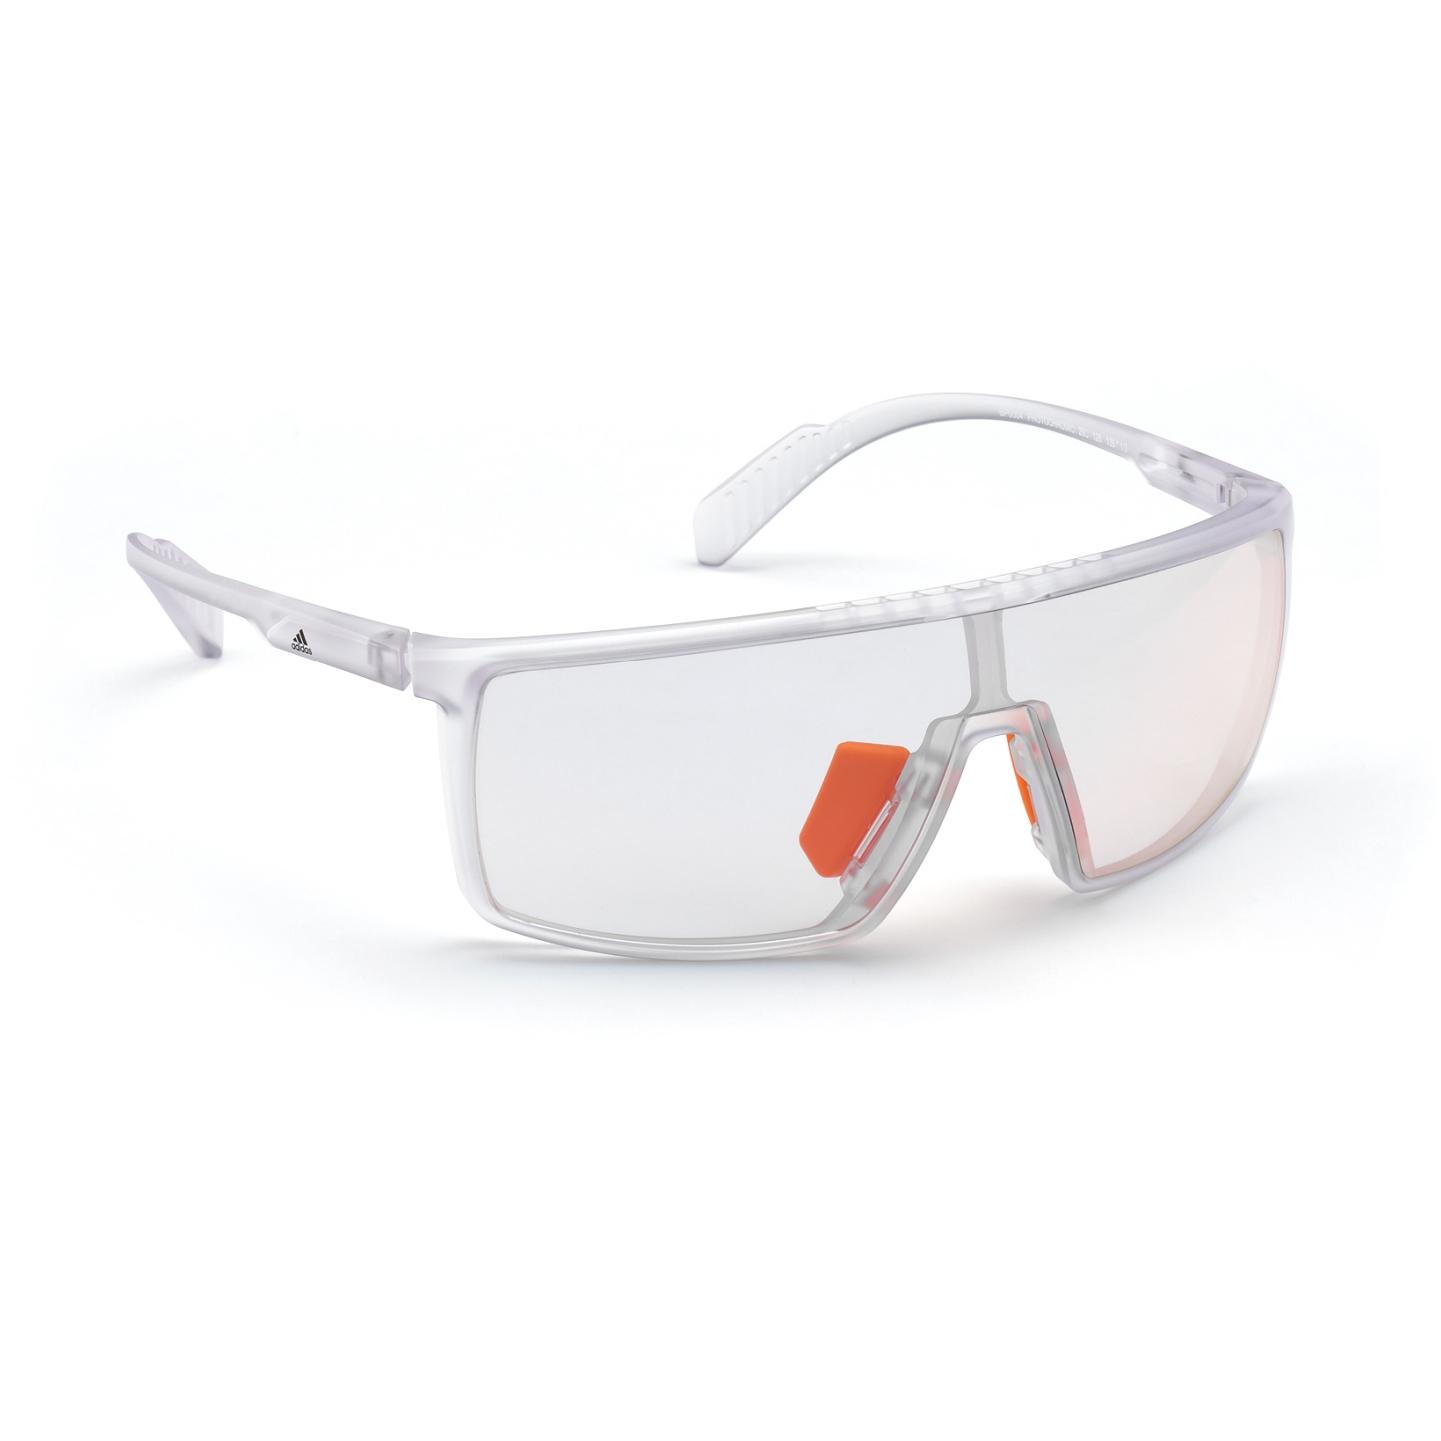 adidas Sp0004 Injected Gafas del Sol Sport - Frosted Crystal / Vario Grey Mirror Orange